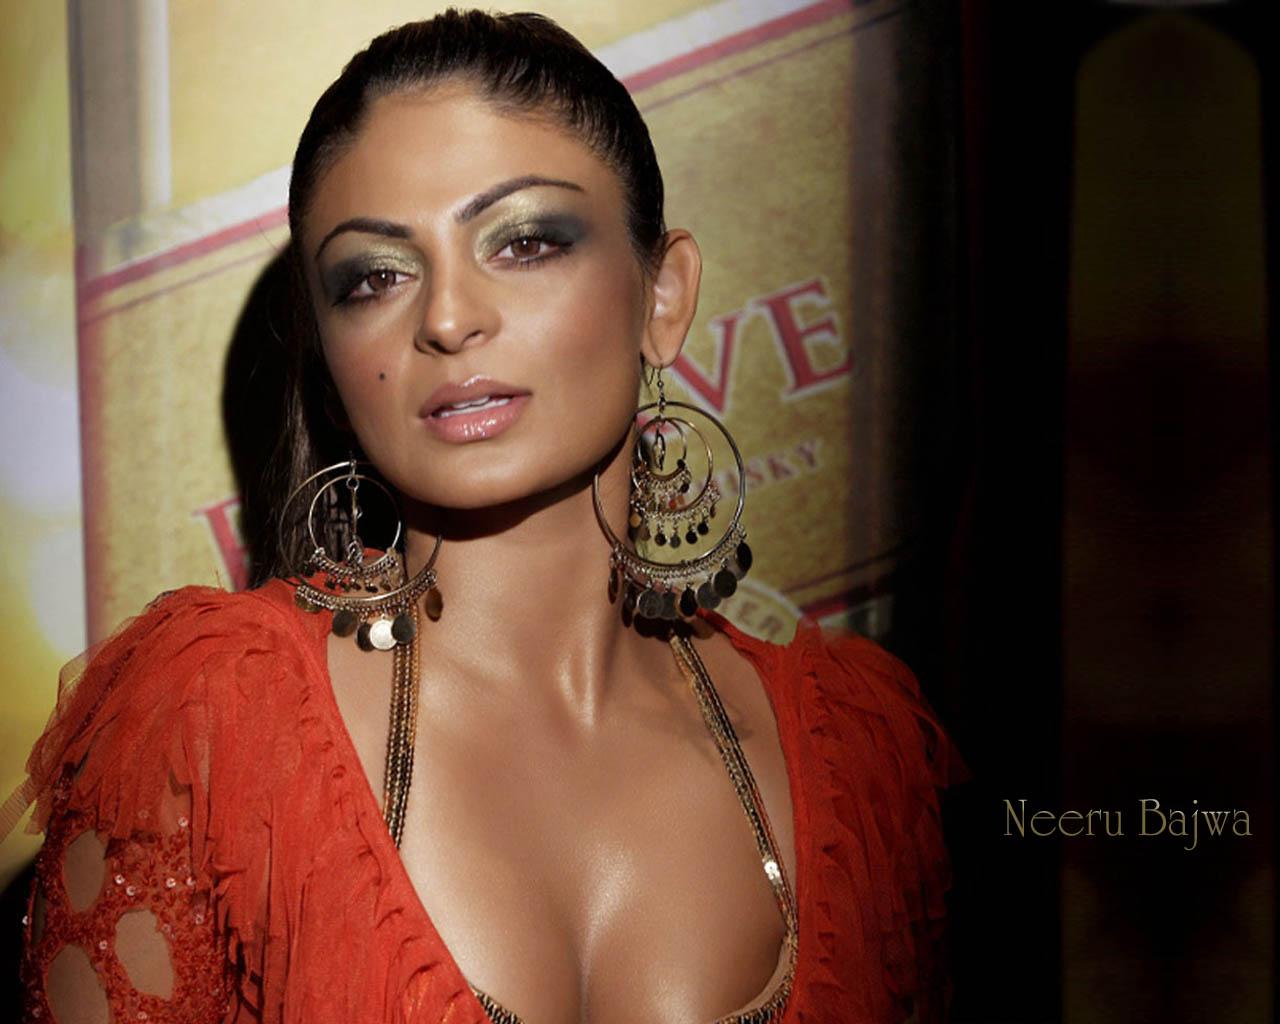 http://1.bp.blogspot.com/_GCAuqodmOE4/TT-069jd5_I/AAAAAAAAHsQ/qdMMIiorA50/s1600/Famous+Punjabi+Actress+Neeru+Bajwa+HQ+Wallpapers-9.jpg